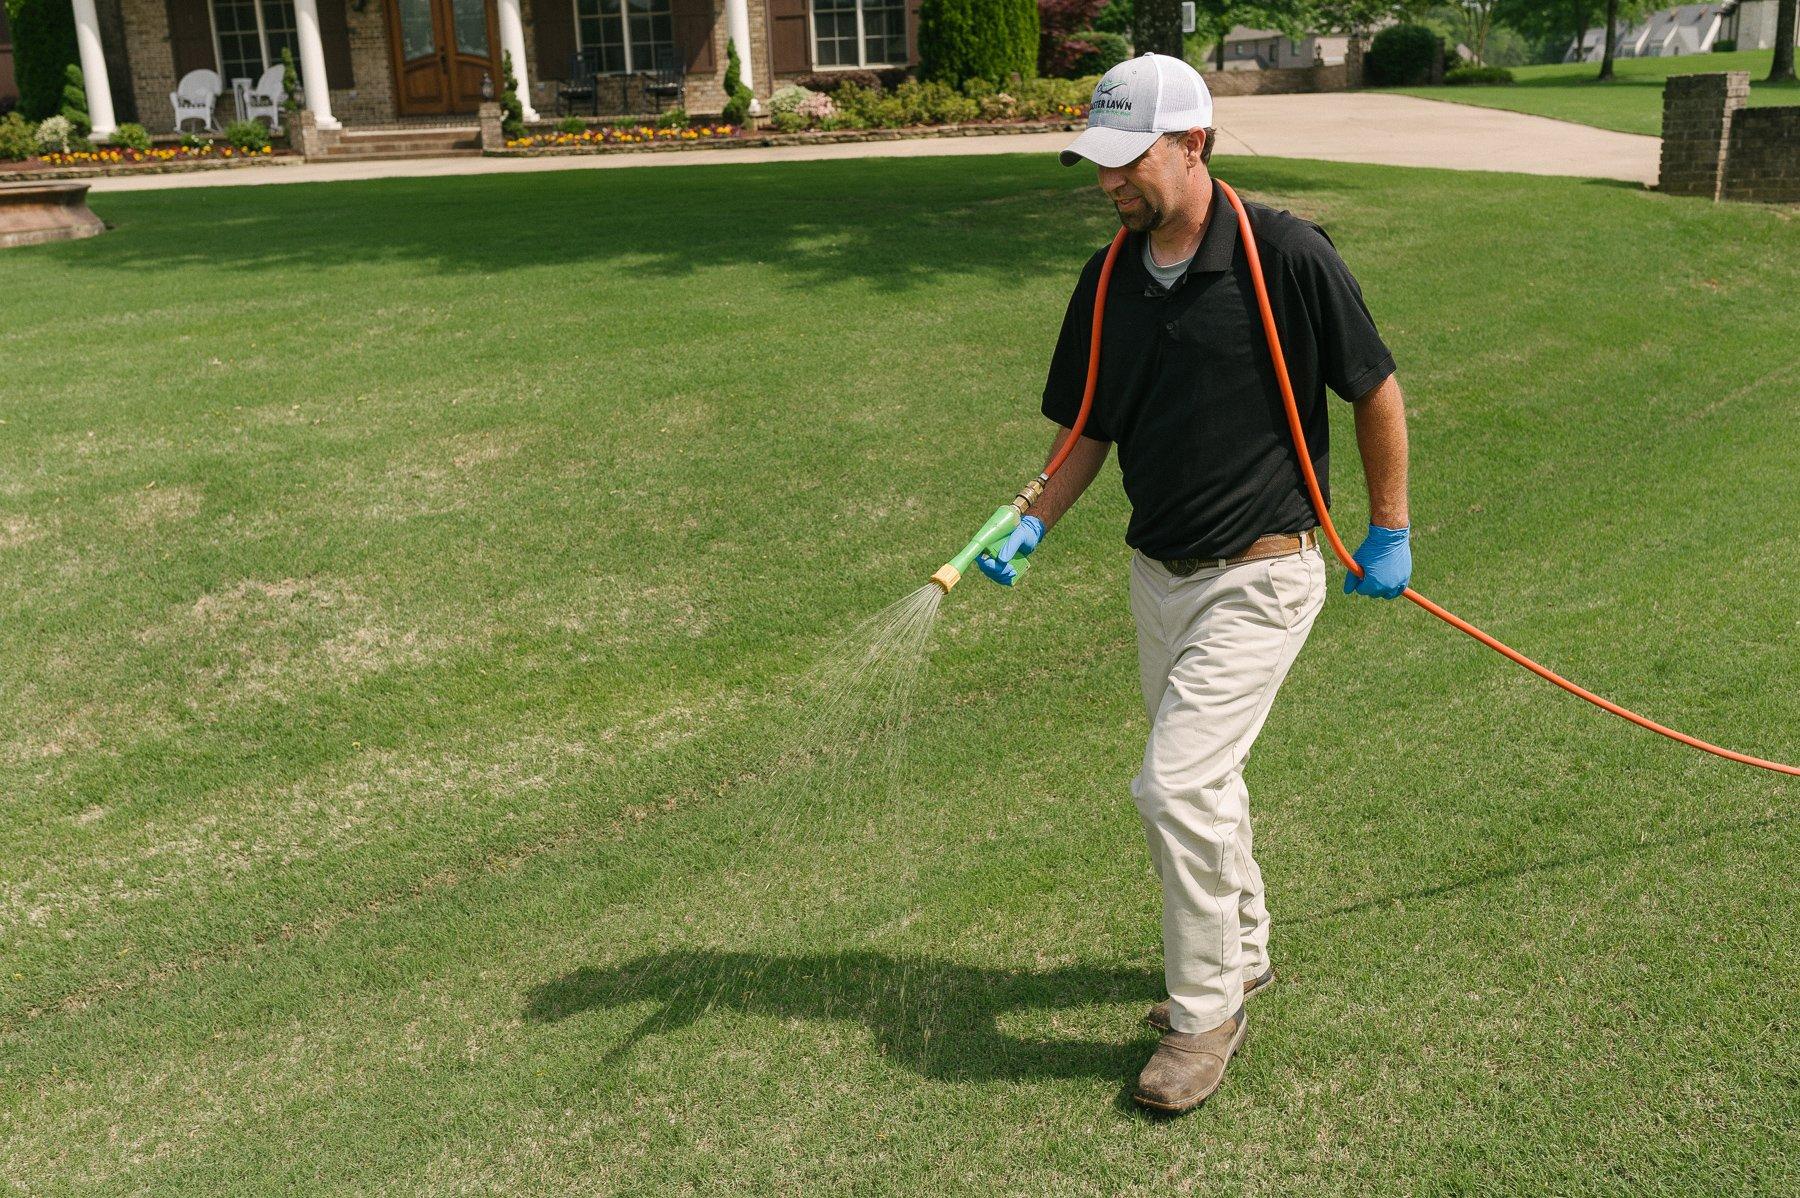 lawn care technician applying crabgrass preventer